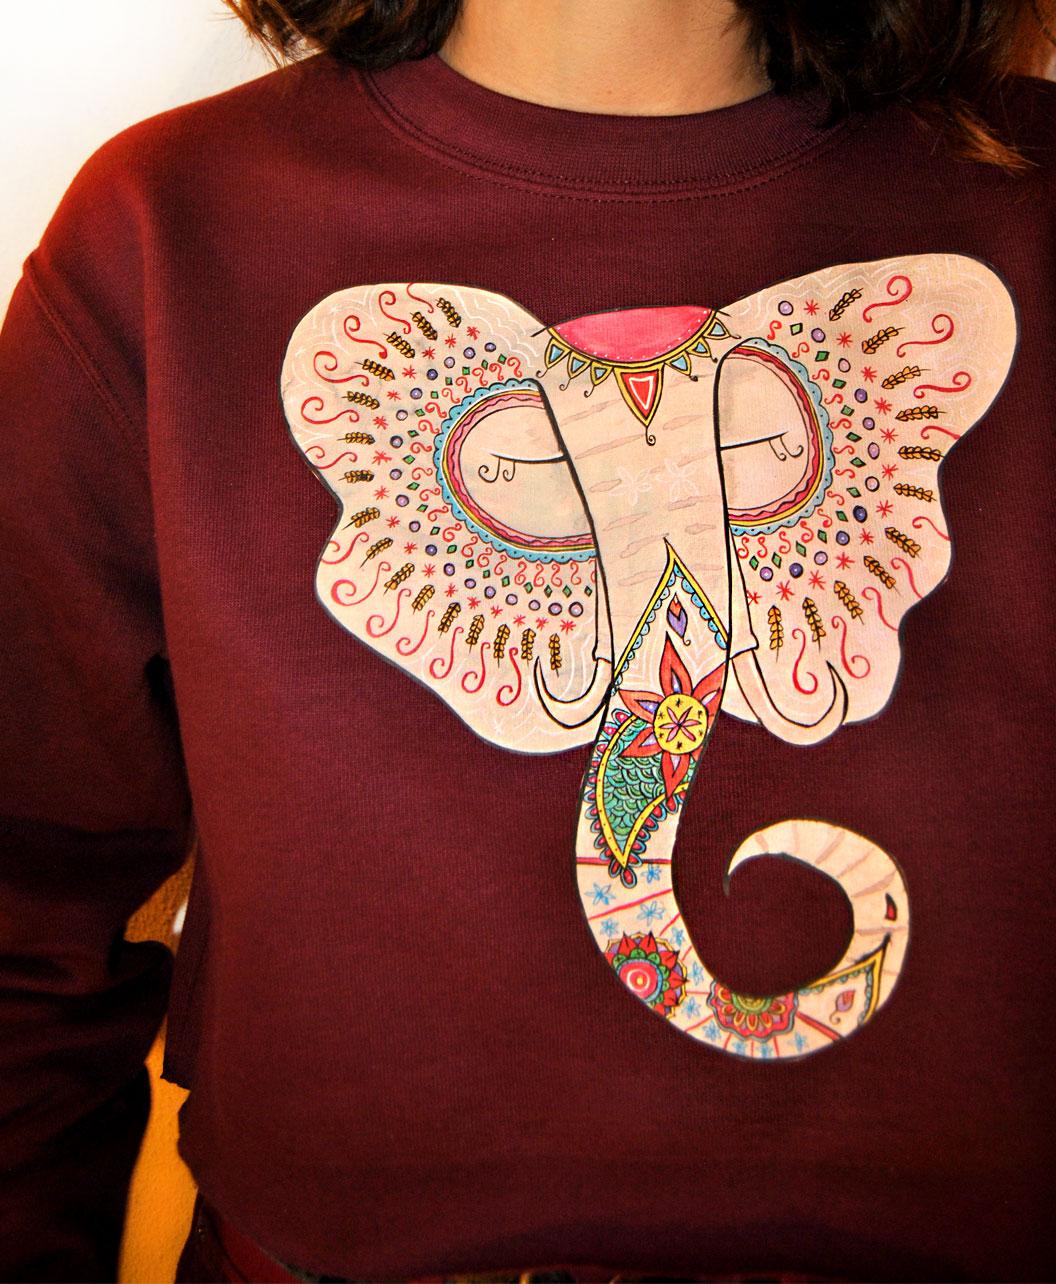 sudadera corta burdeos mujer ilustracion colorida detallista elefante indio